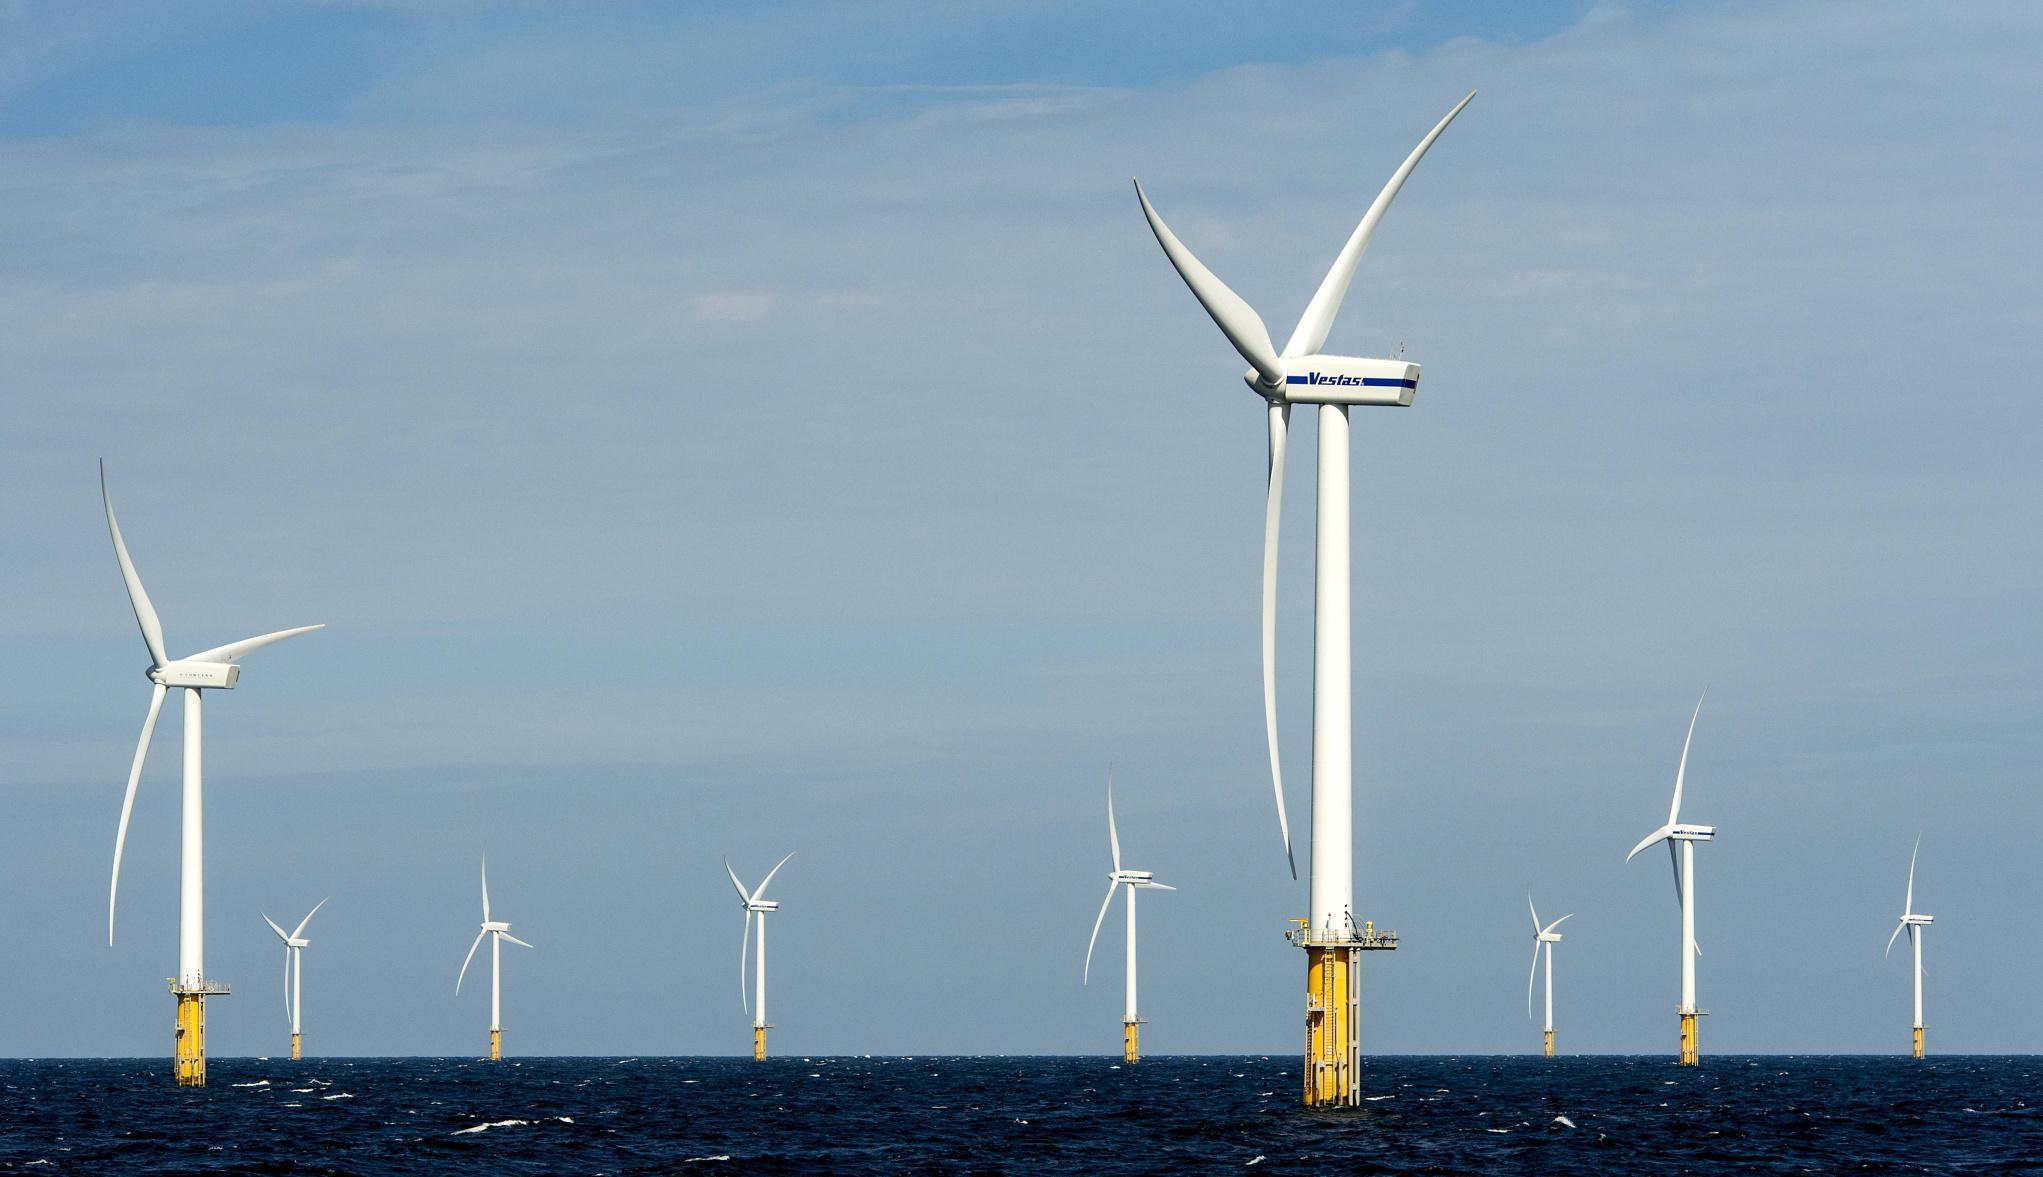 De gemeente Velsen stelt voorwaarden aan de komst van windturbines en weides vol zonnepanelen: Niet tussen de dorpen, wel in recreatiegebied Spaarnwoude